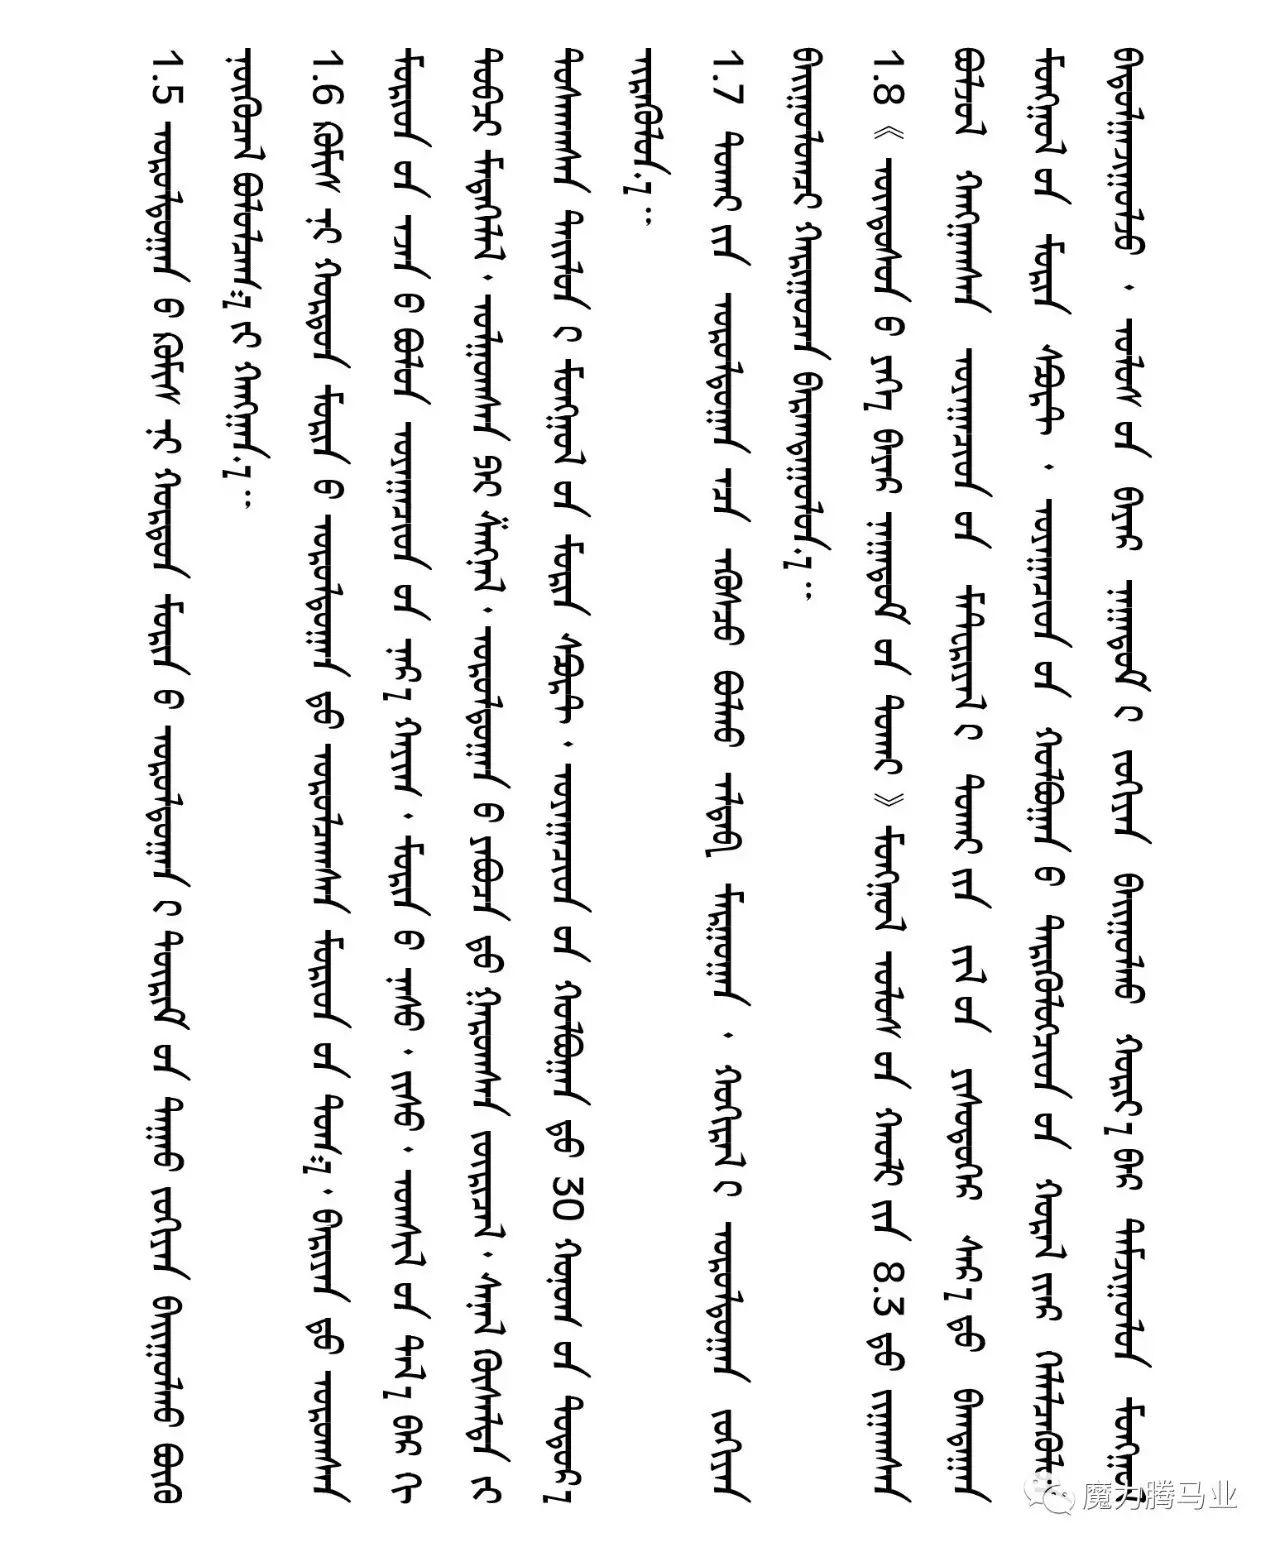 蒙古国赛马章程介绍 第11张 蒙古国赛马章程介绍 蒙古文库